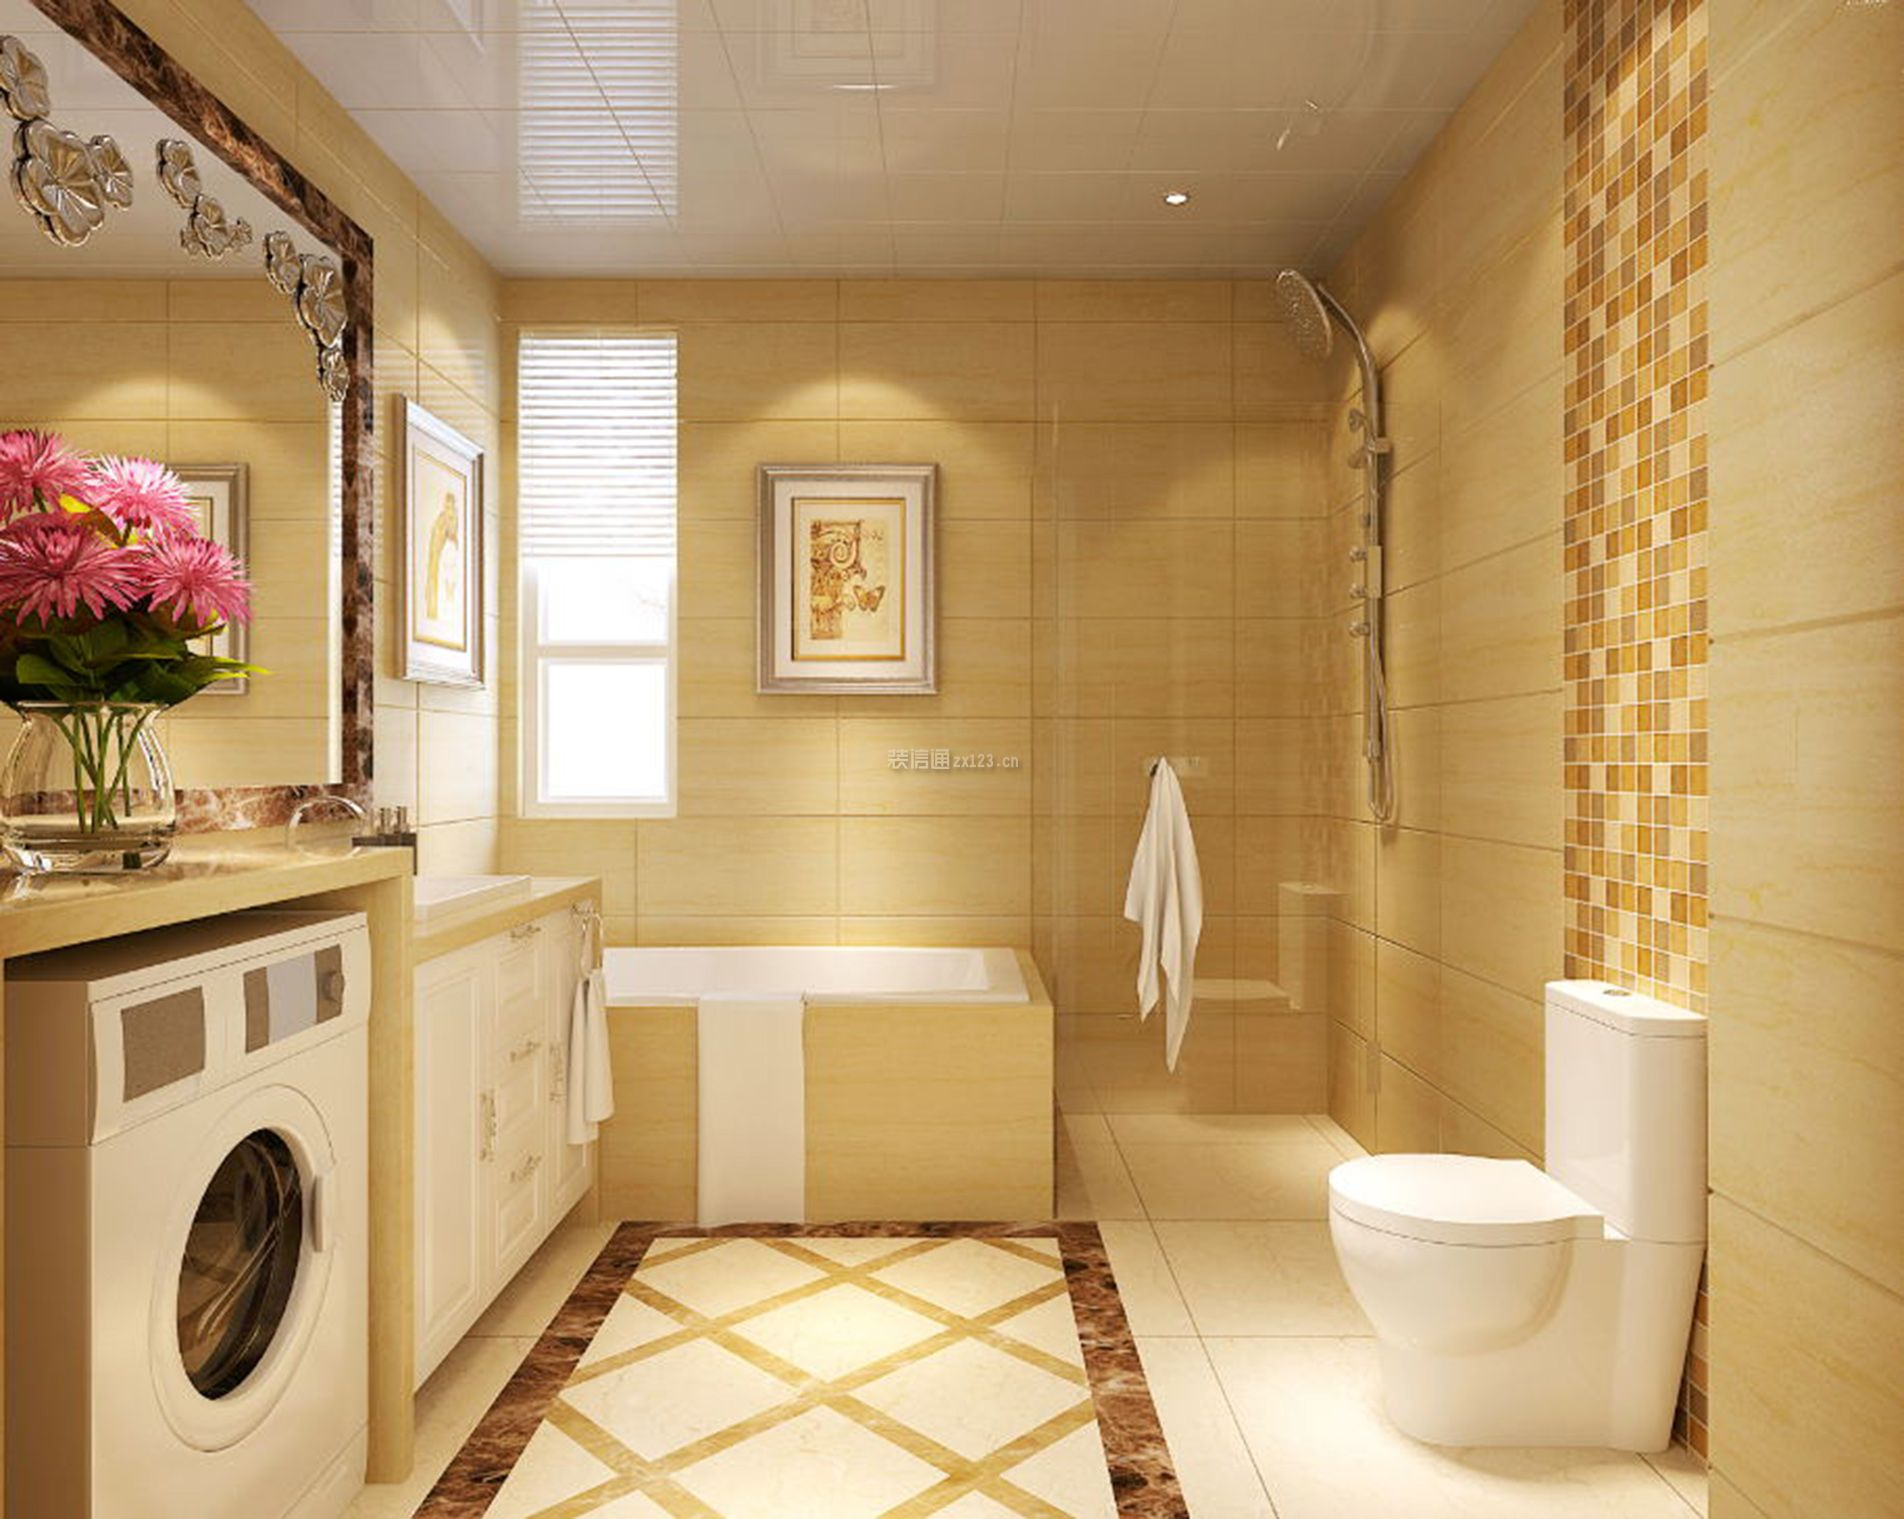 厕所 家居 设计 卫生间 卫生间装修 装修 1904_1519